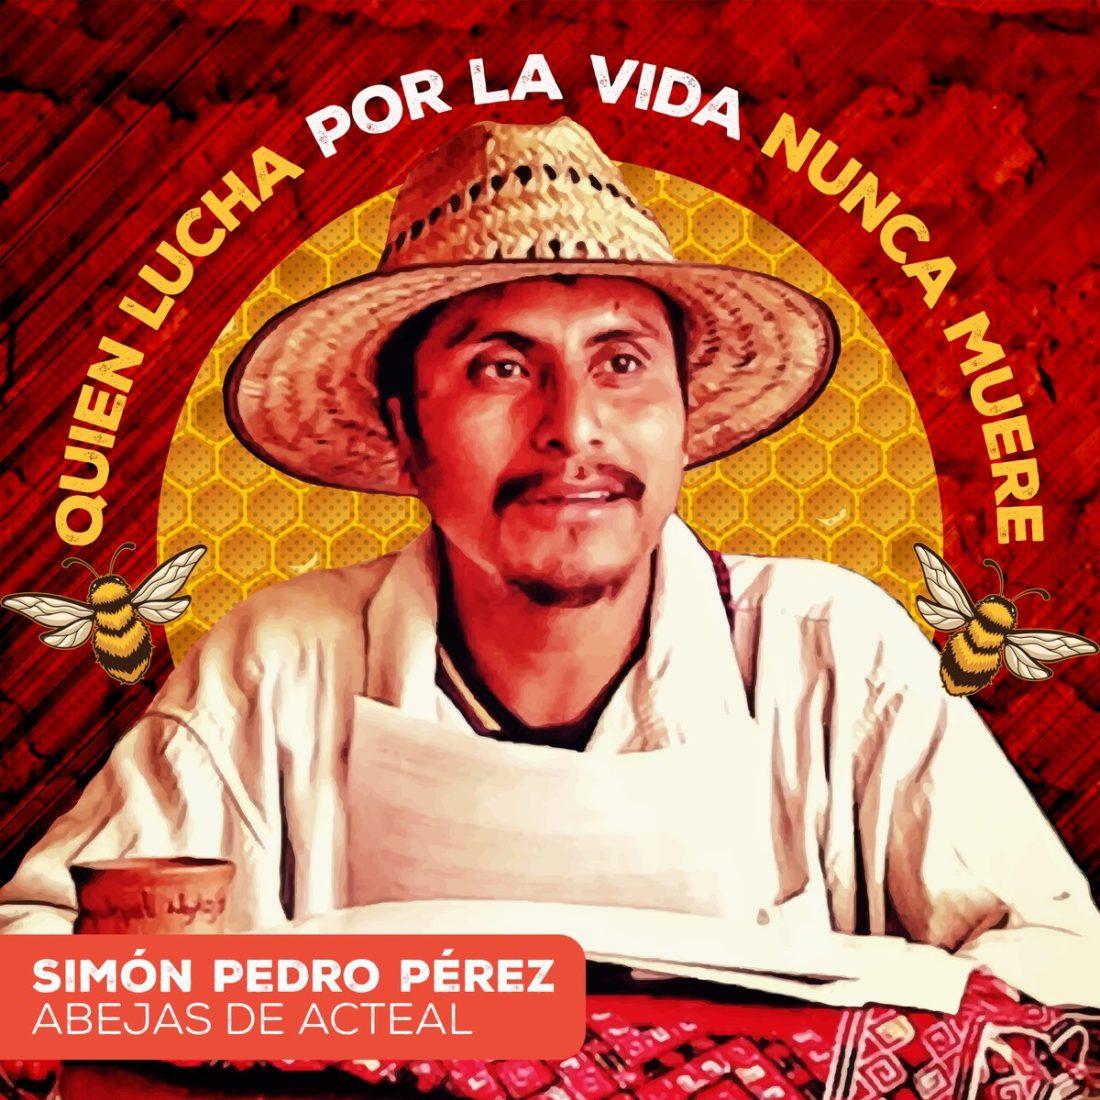 Repudio de organizaciones europeas ante el asesinato del defensor de los derechos humanos Simón Pedro